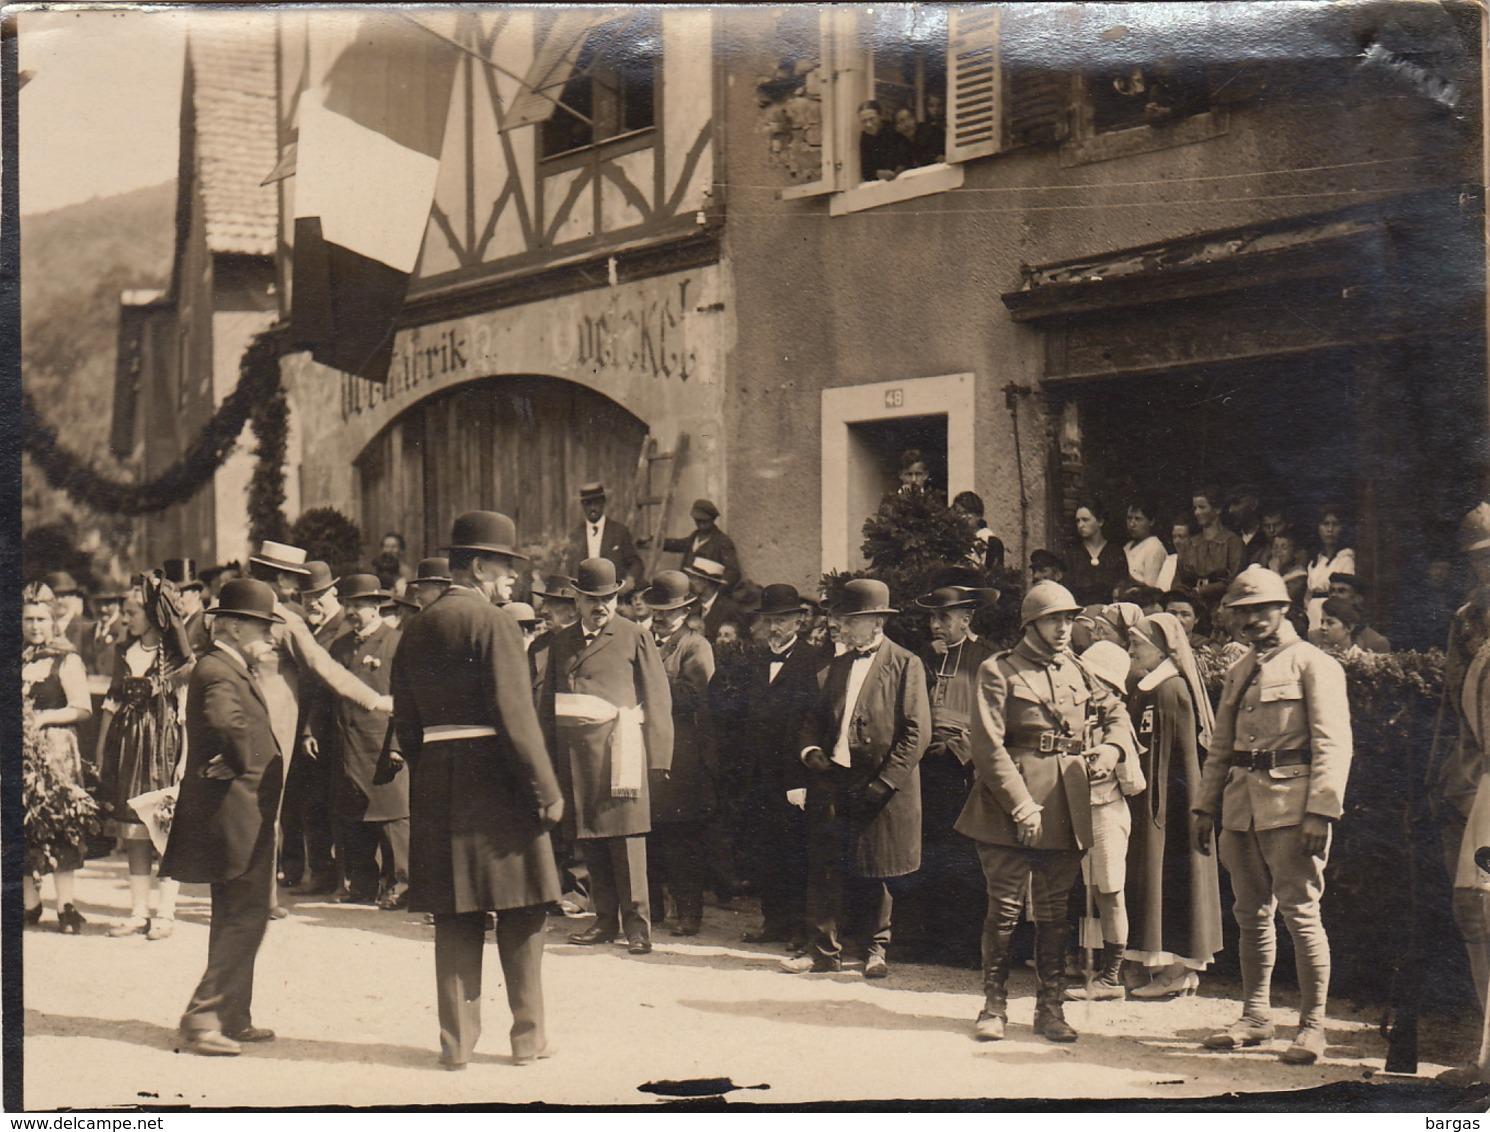 Belle Photo D'une Fête Commémoration ? En Alsace Militaire Costume Alsacien à Situer - Guerre, Militaire